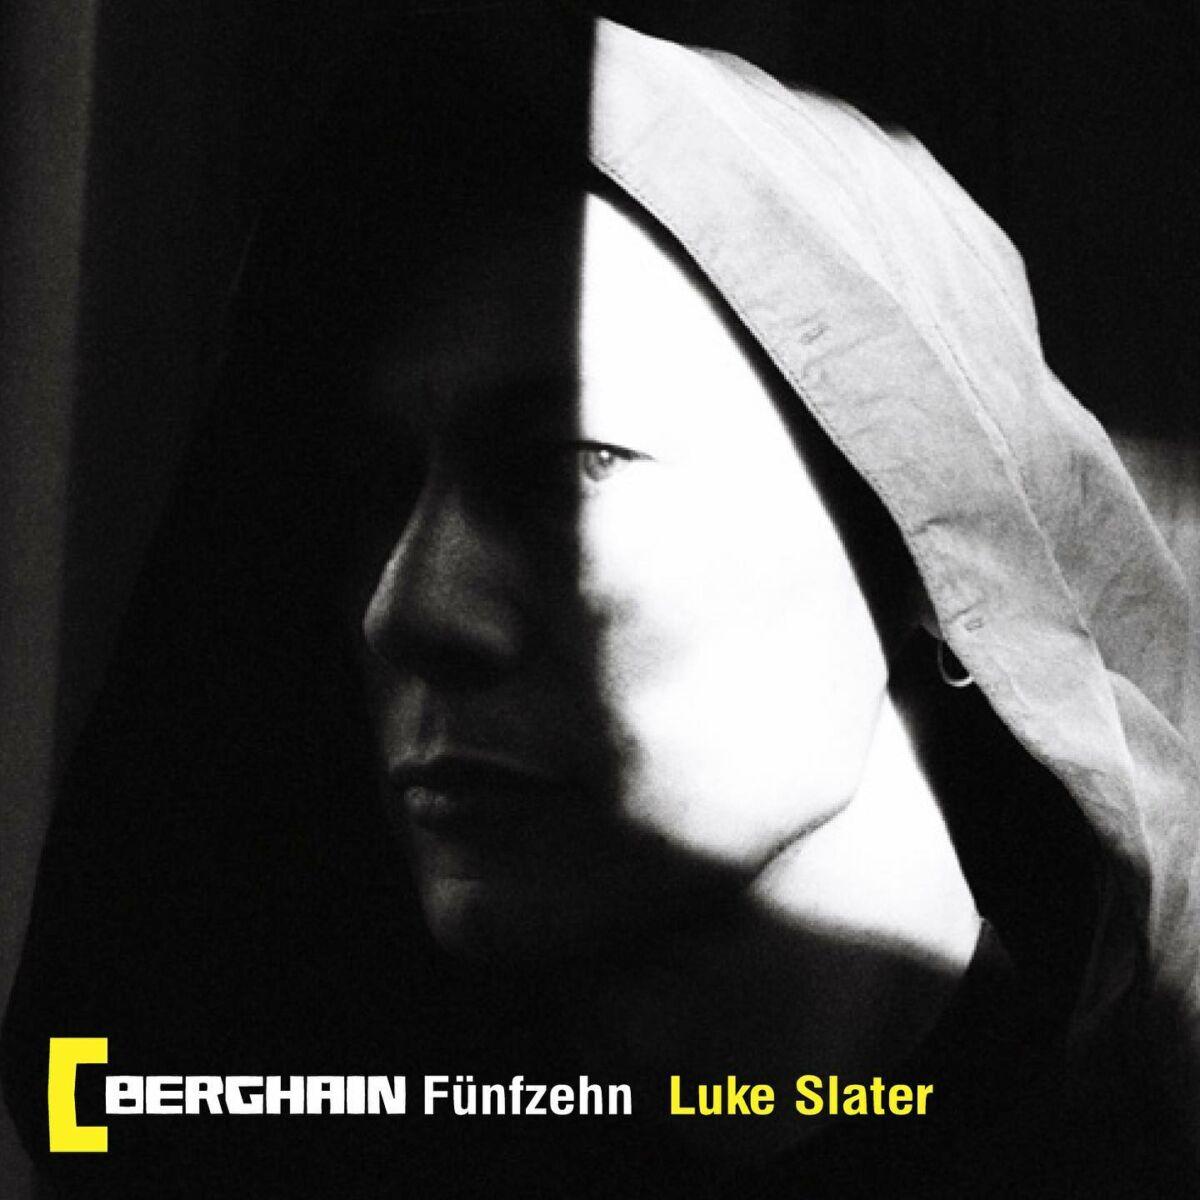 Luke-Slater-Berghain-15.jpg